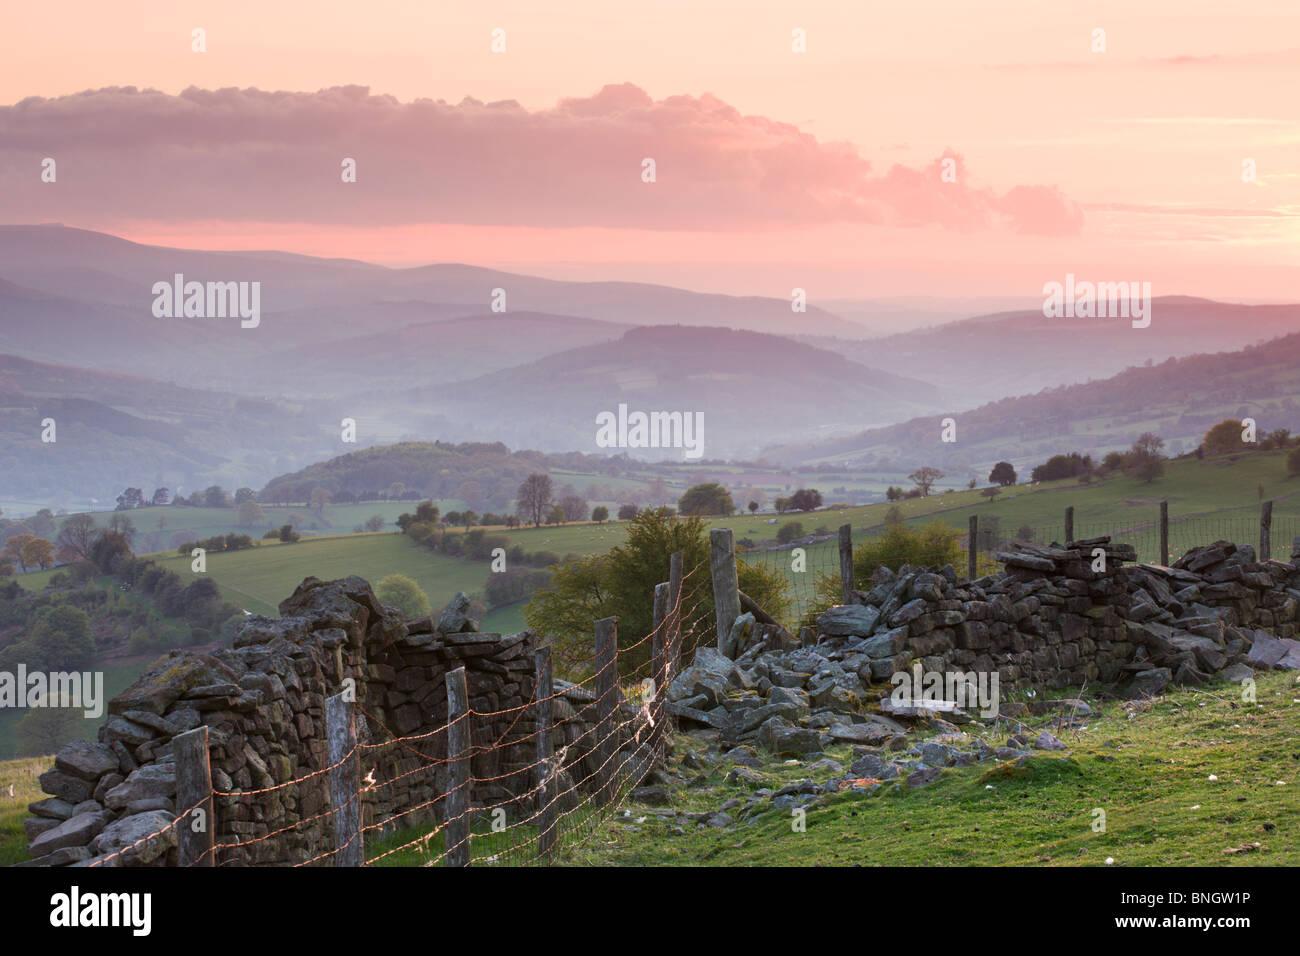 Trockenmauer am Hang des Zuckerhuts, mit Blick auf die Usk Valley, Brecon Beacons National Park, Wales Stockbild